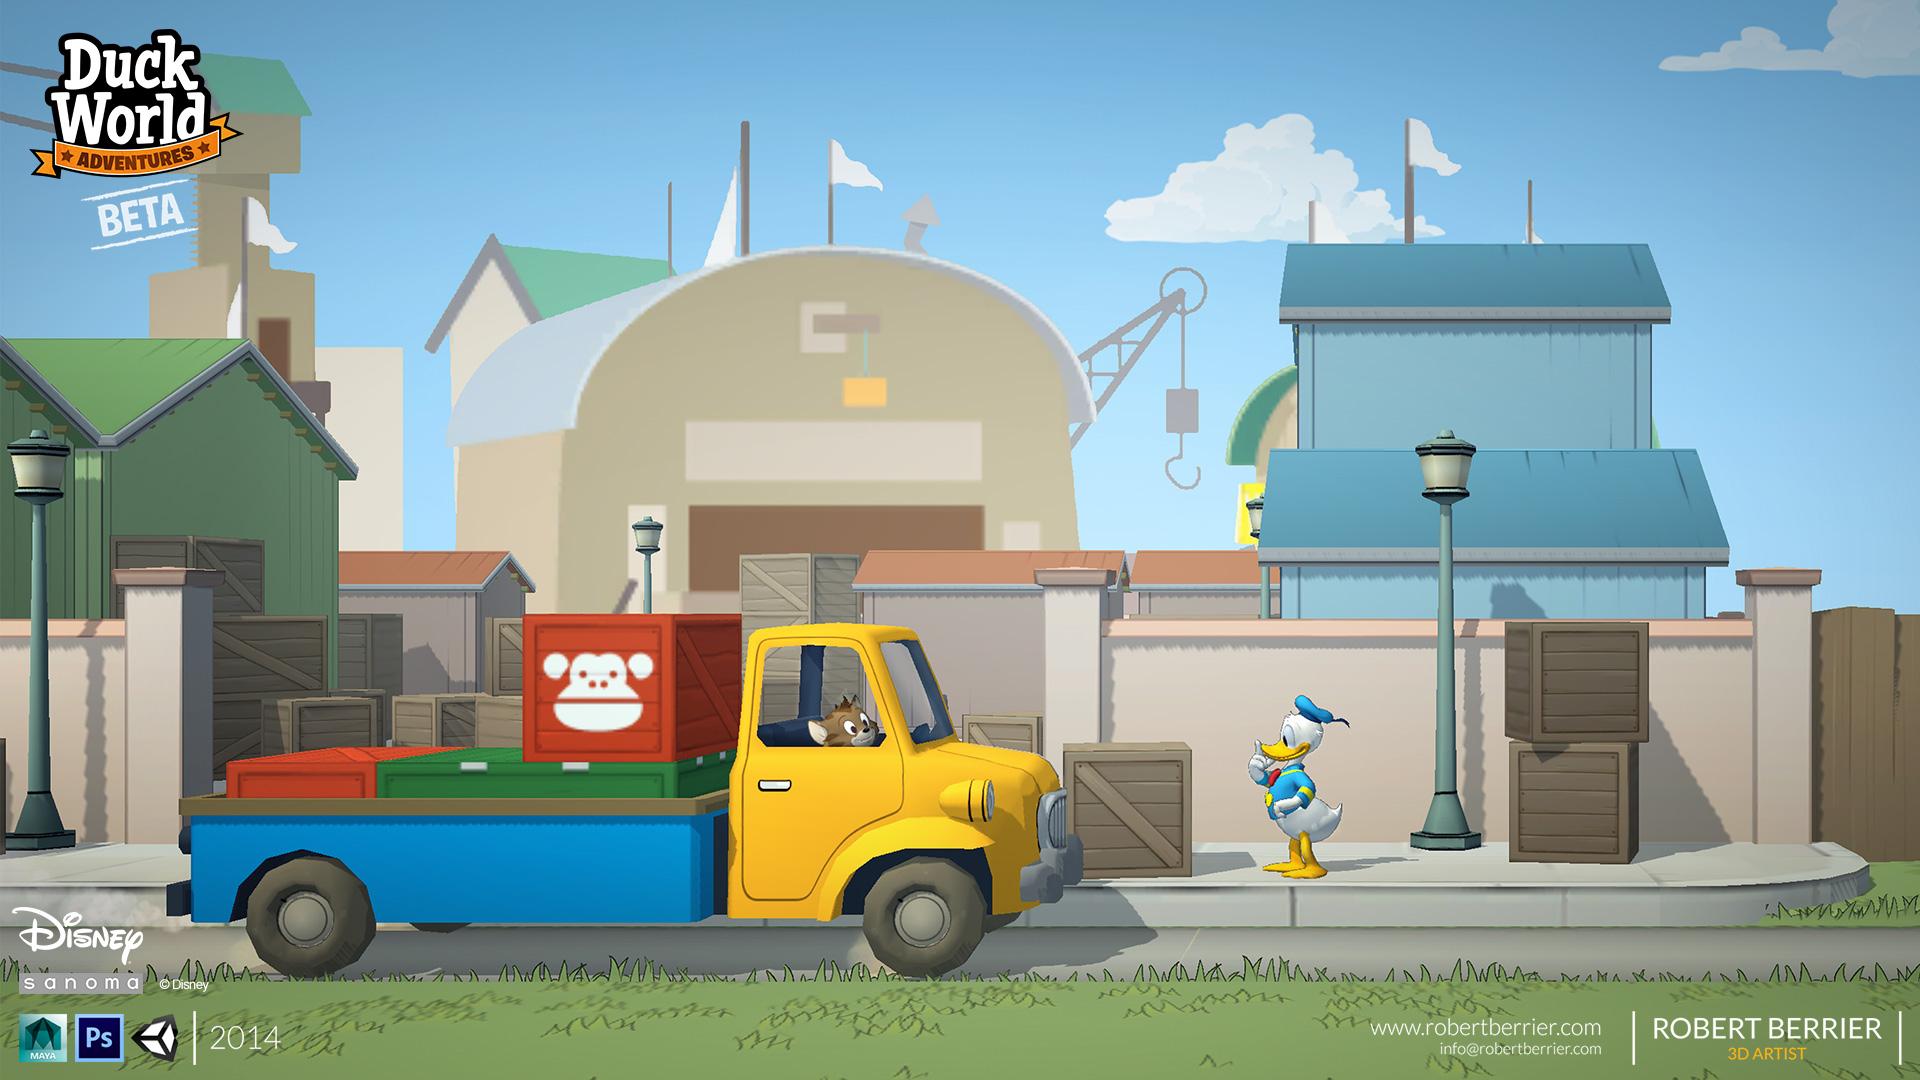 Robert Berrier - Disney - Duck World - Zoo Transport